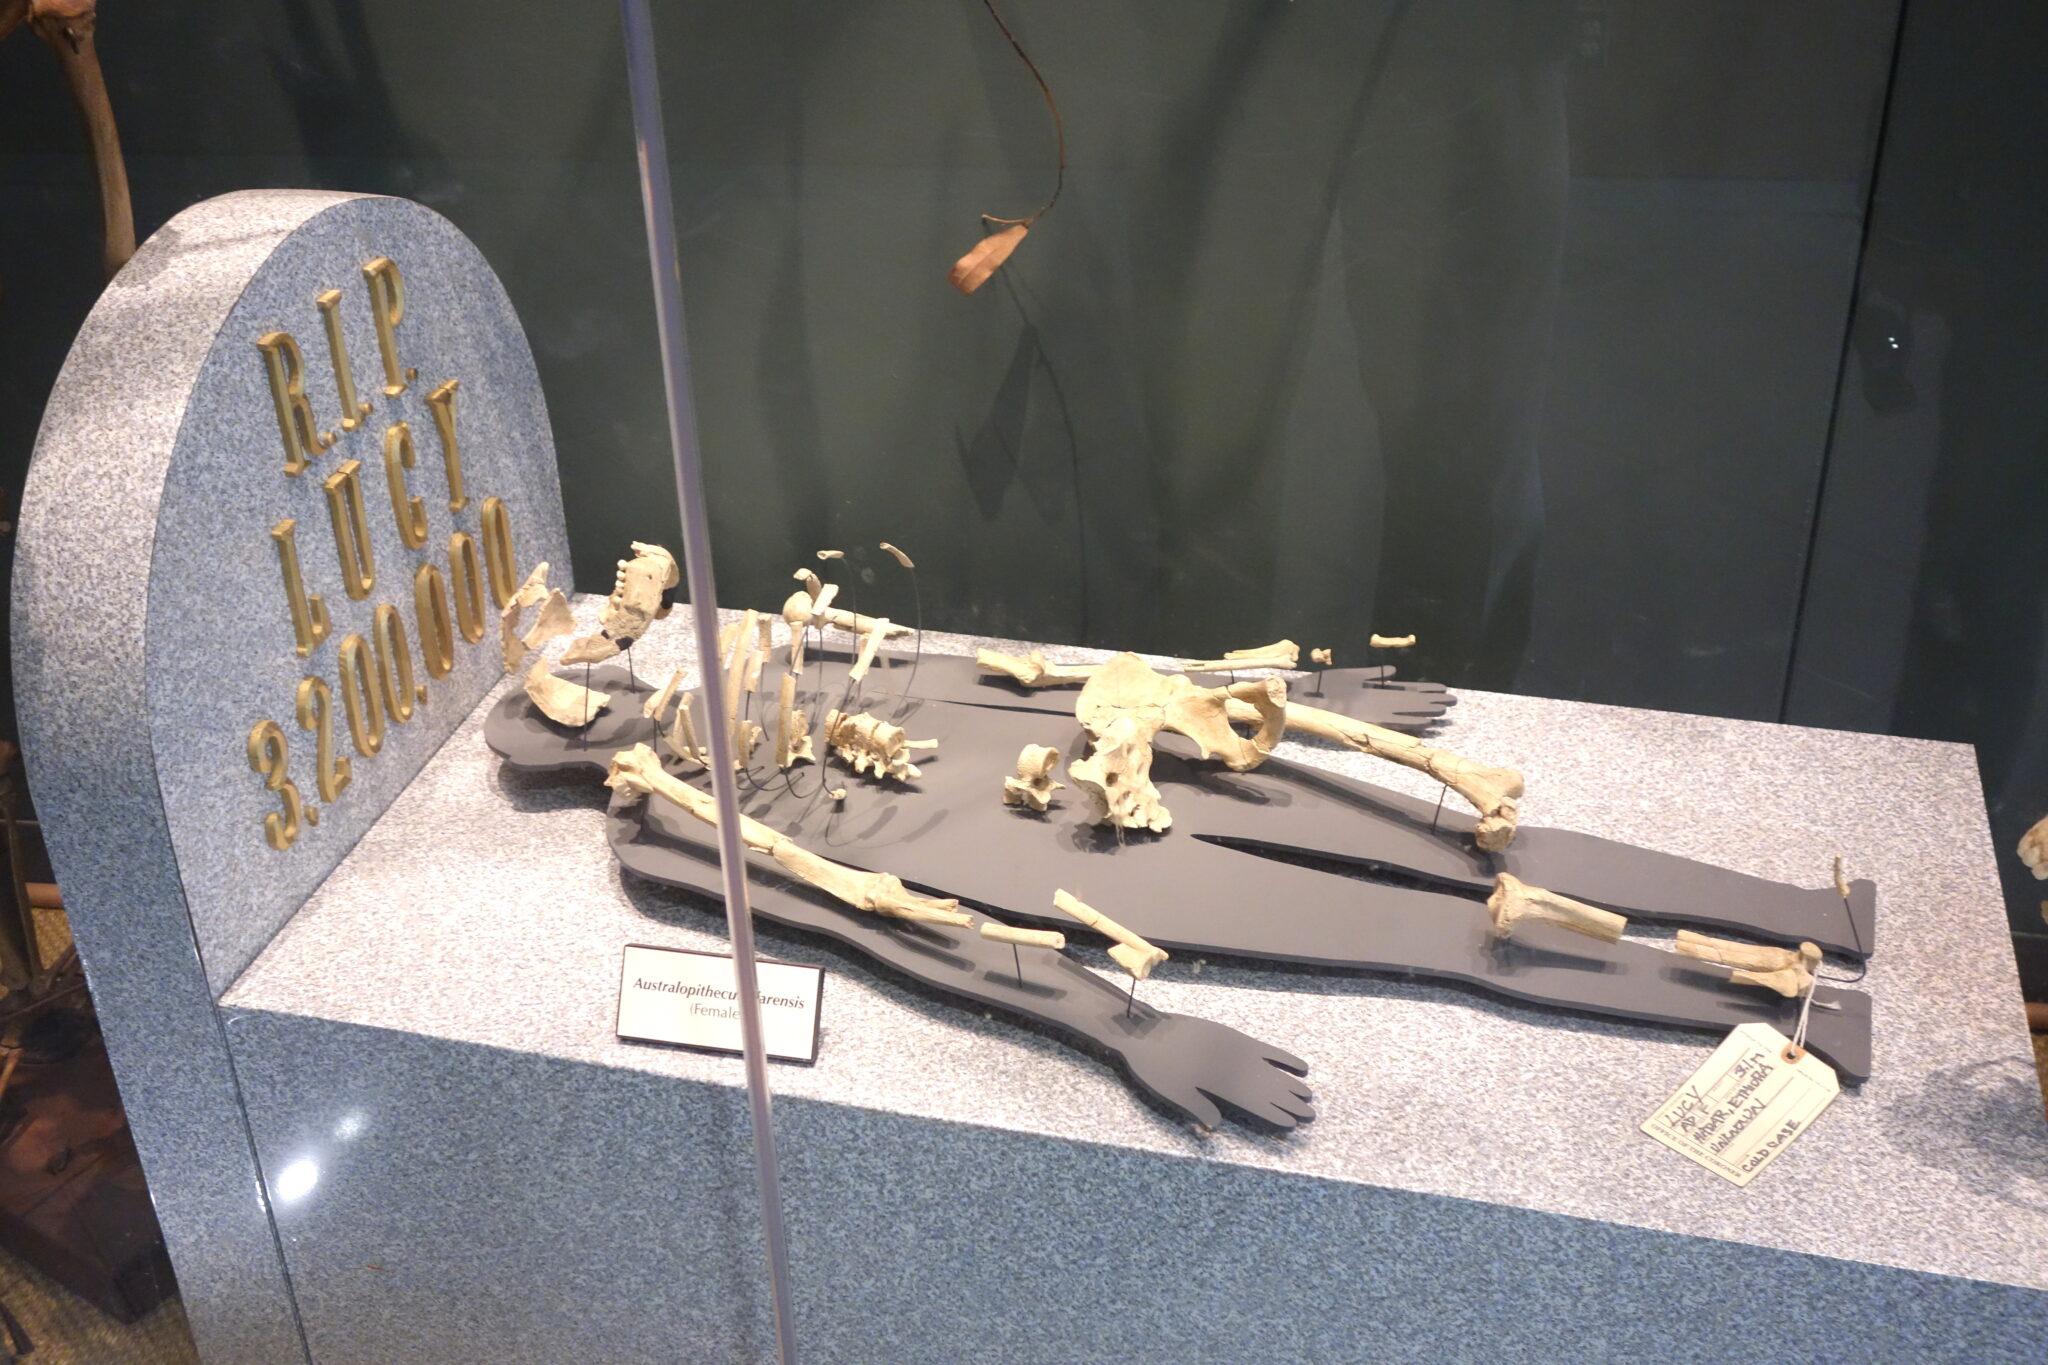 Fossilien von Lucy wie eine Leiche ausgestellt.